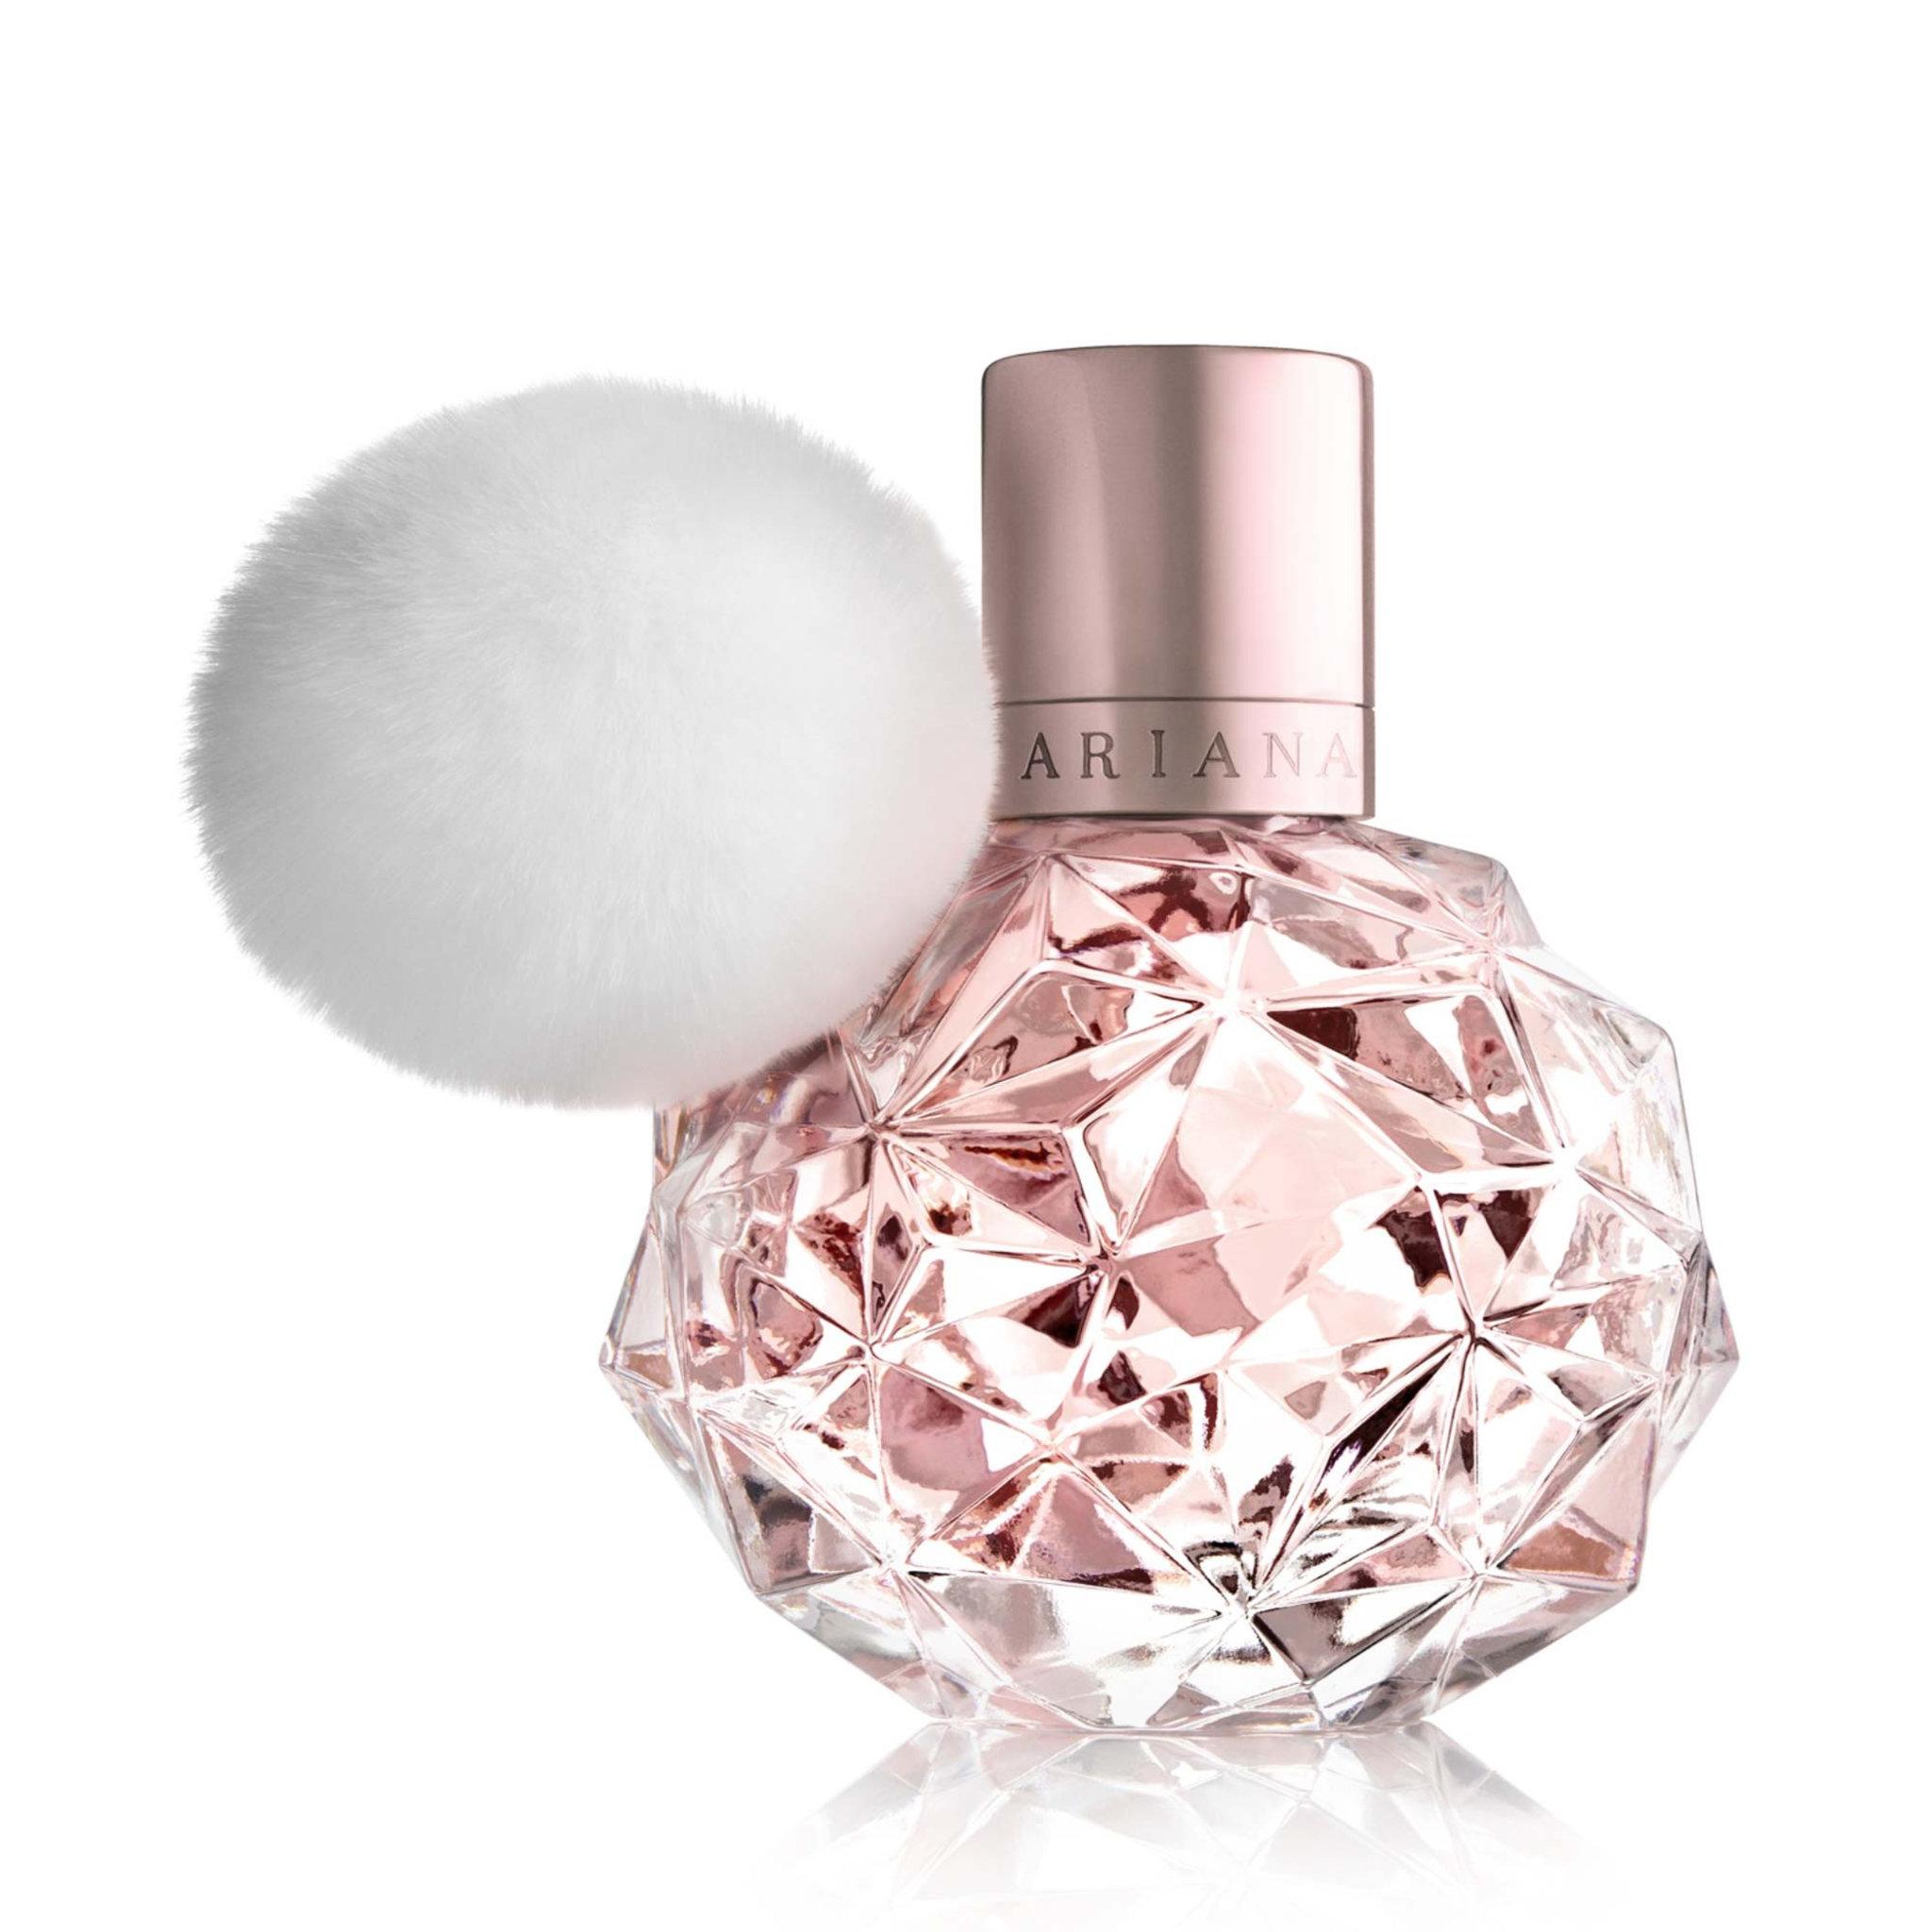 Sweet Like Candy EdP Parfym & EdT Köp online på åhlens.se!